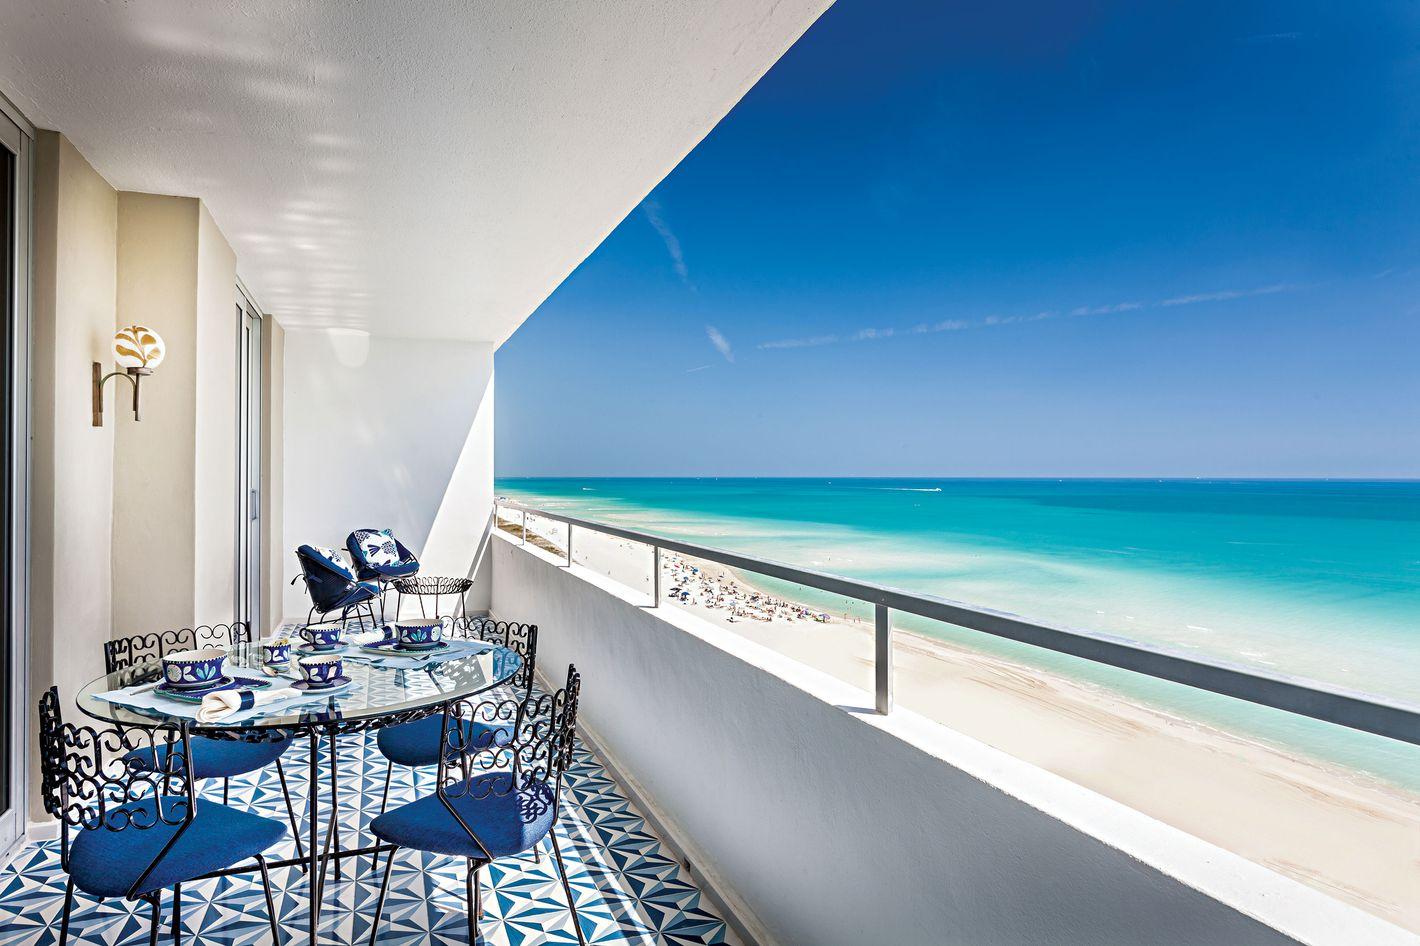 A Miami Beach Apartment That Matches the Ocean